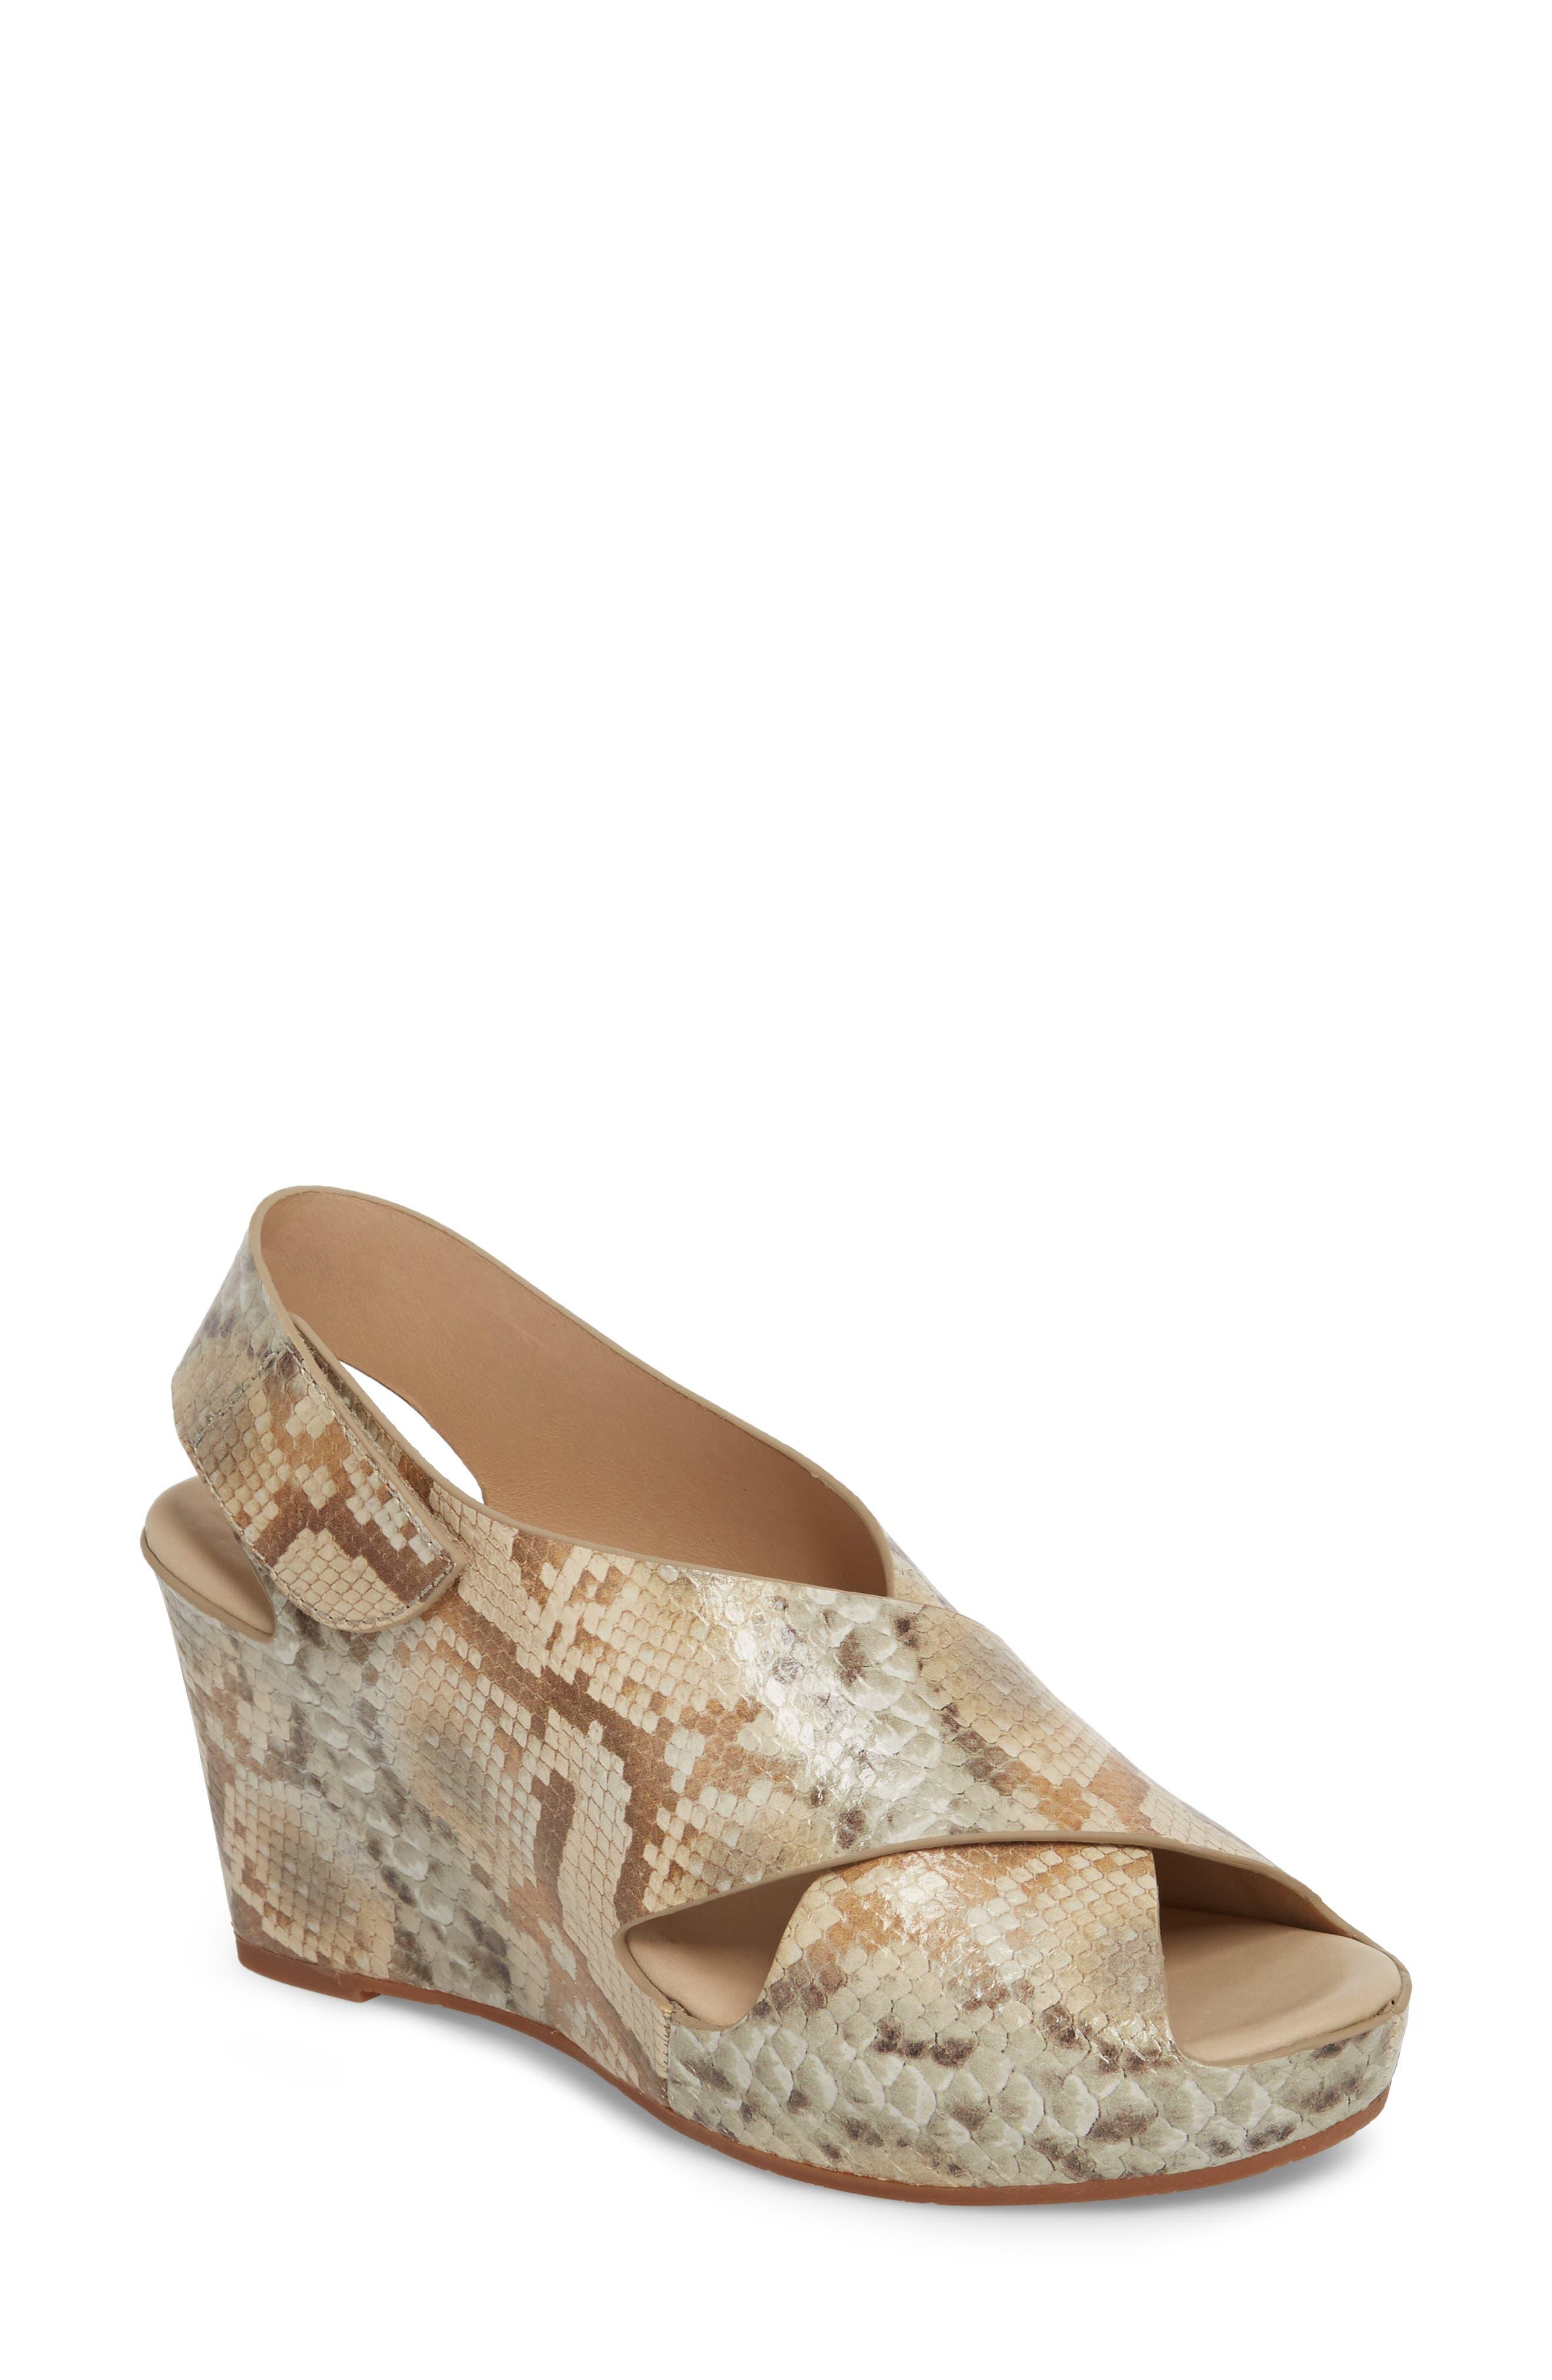 'Tori' Wedge Sandal,                         Main,                         color, 251